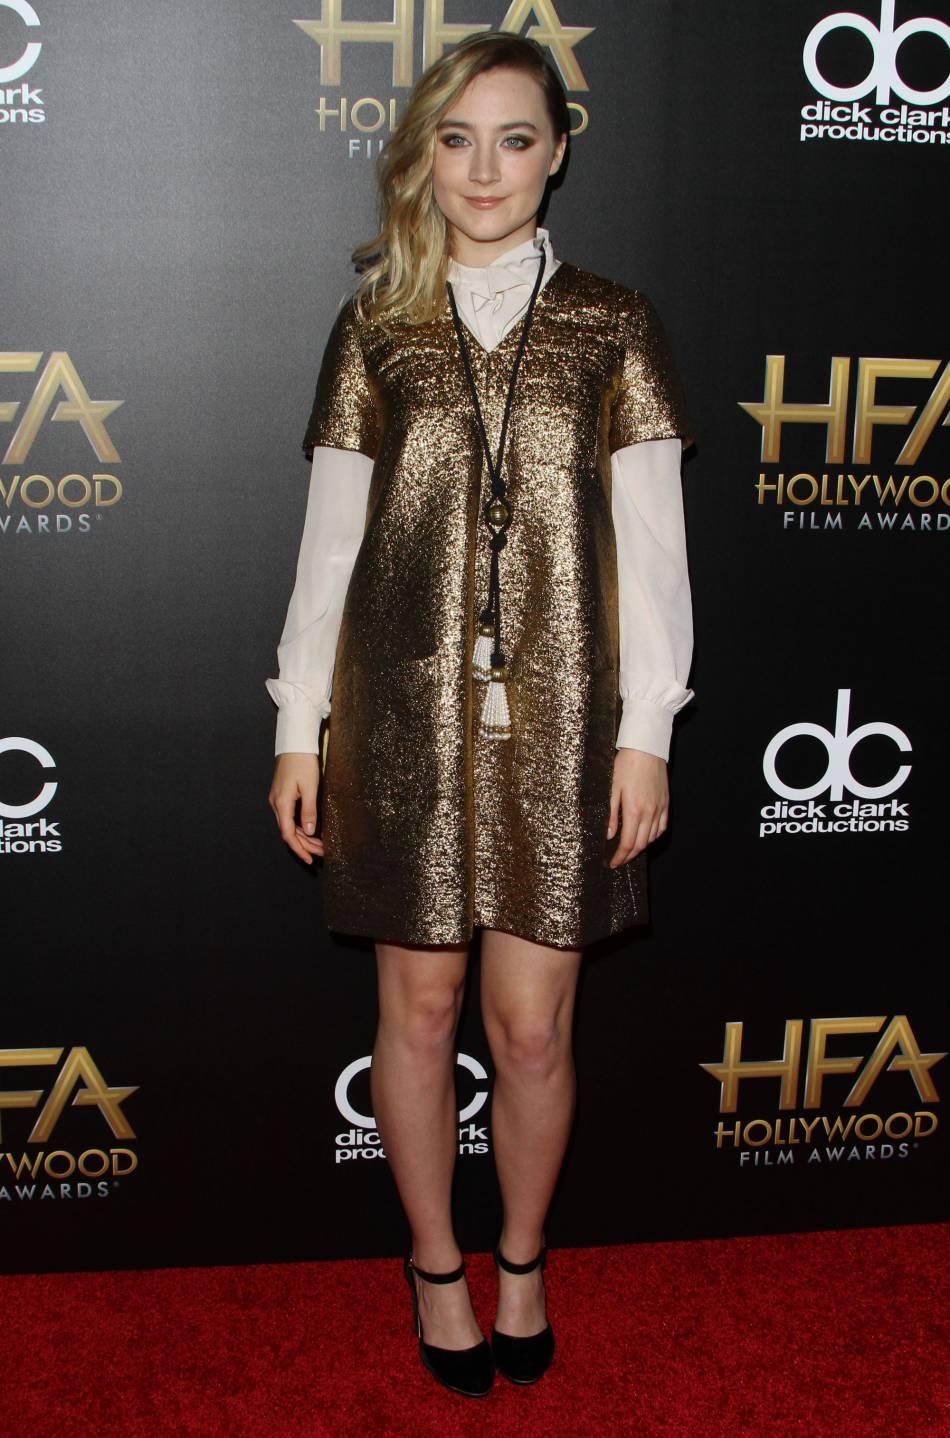 Saoirse Ronan sur le red carpet des Hollywood Film Awards le 1er novembre 2015 à Los Angeles.